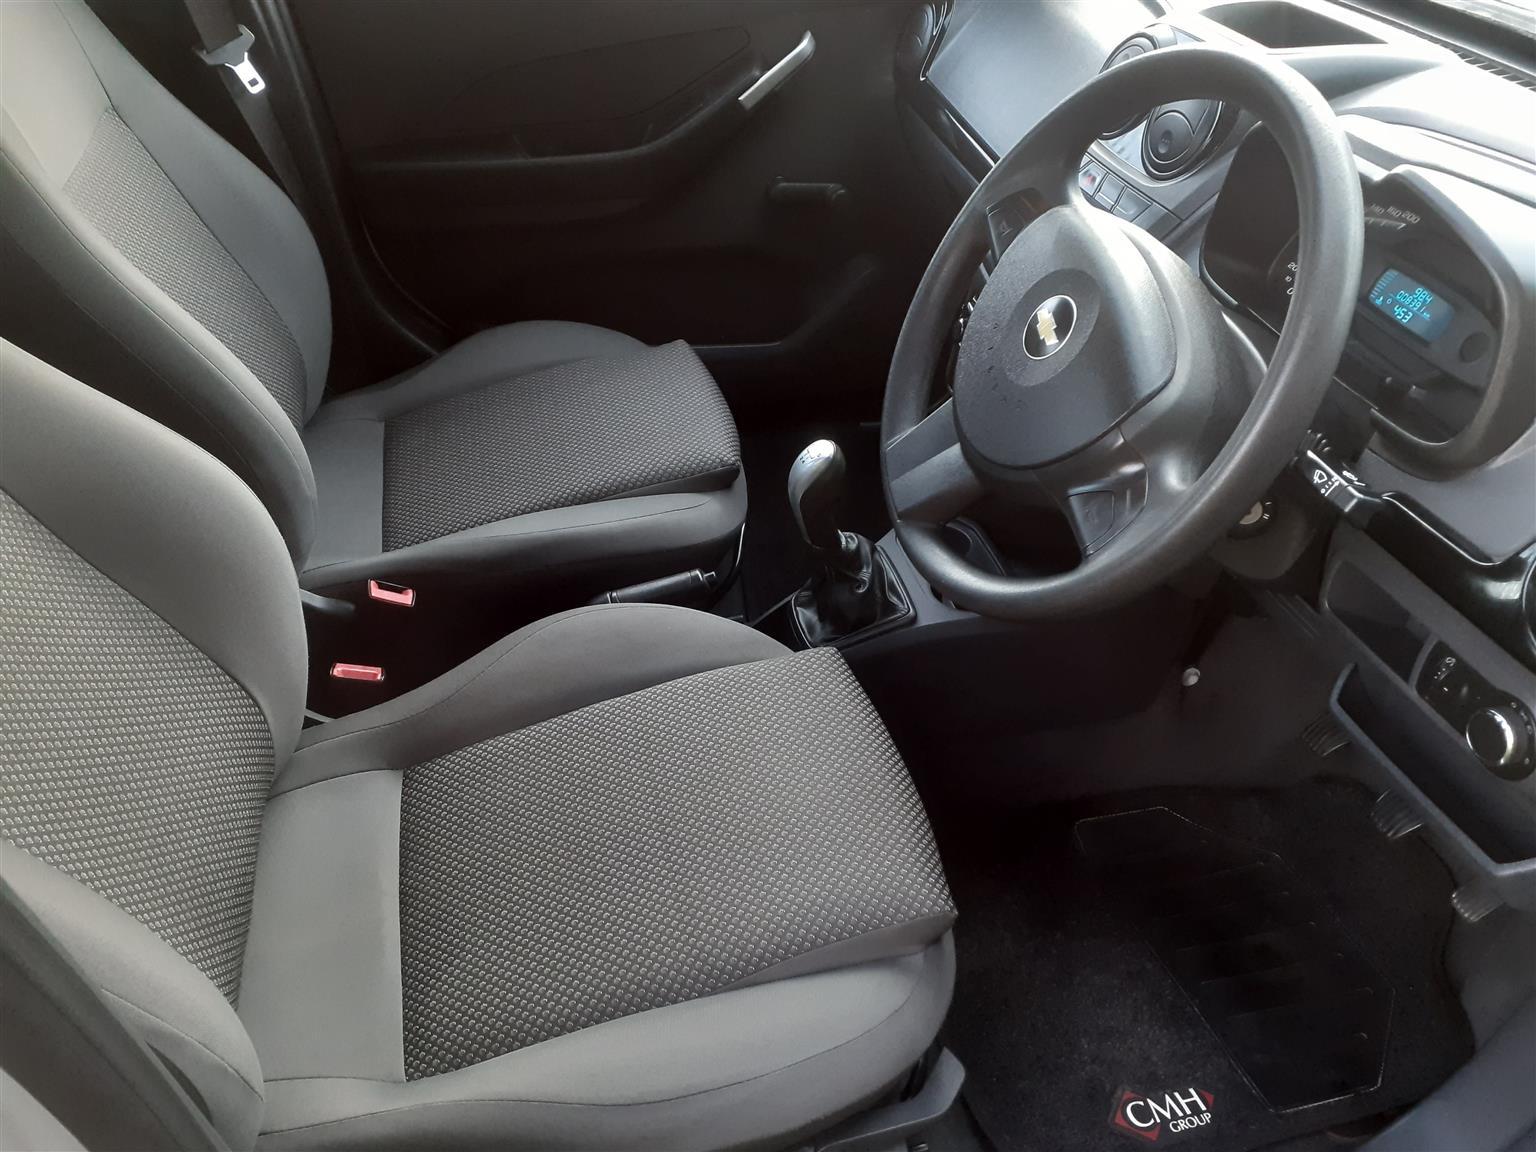 2015 Chevrolet Utility 1.8